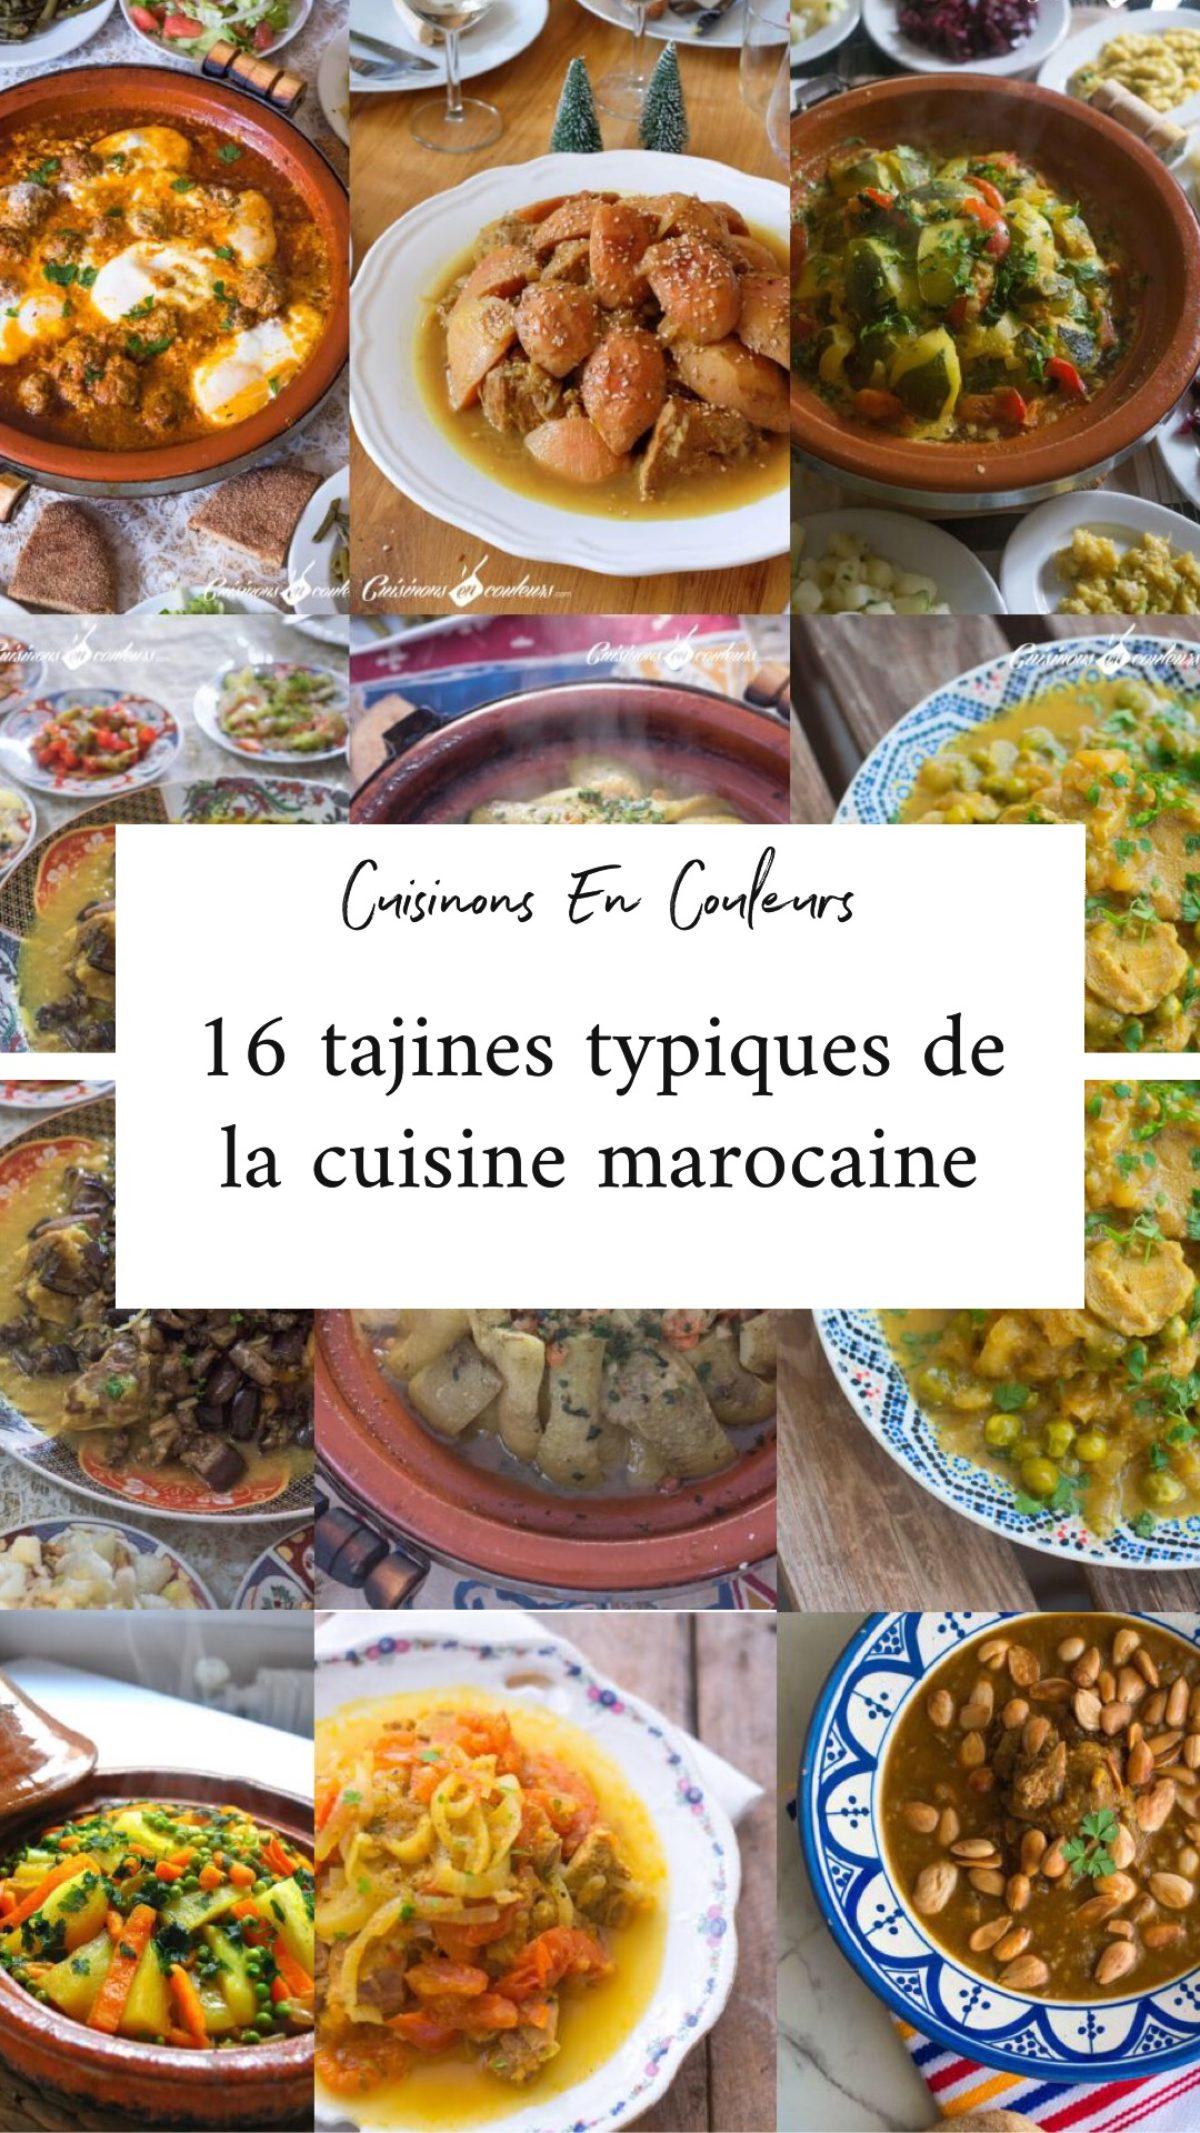 Cuisine marocaine  12 recettes de tajines typiques de chez moi     Cuisinons En Couleurs